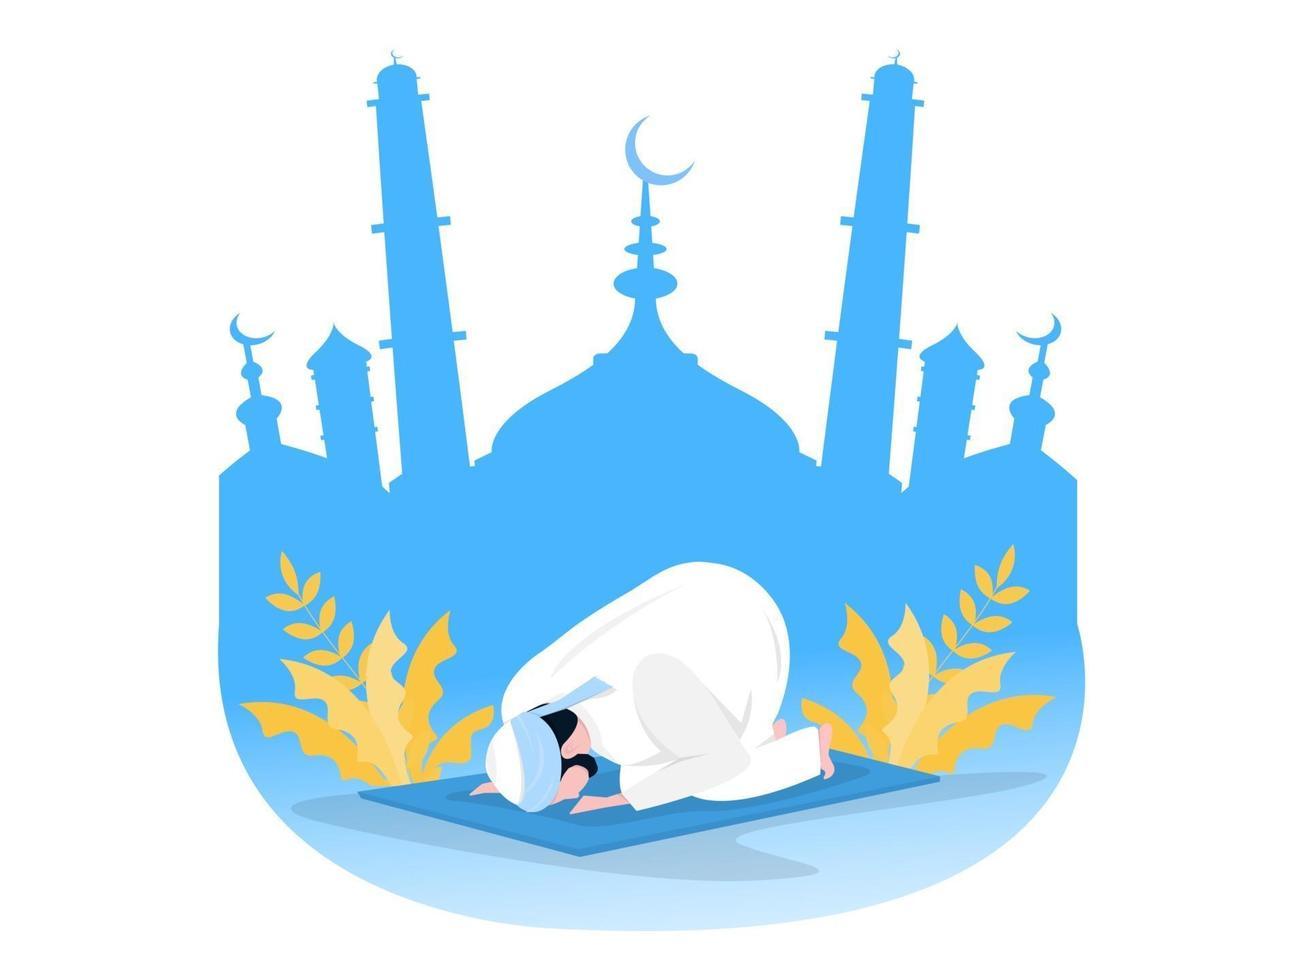 oração religiosa muçulmana em roupas tradicionais no fundo da mesquita vetor